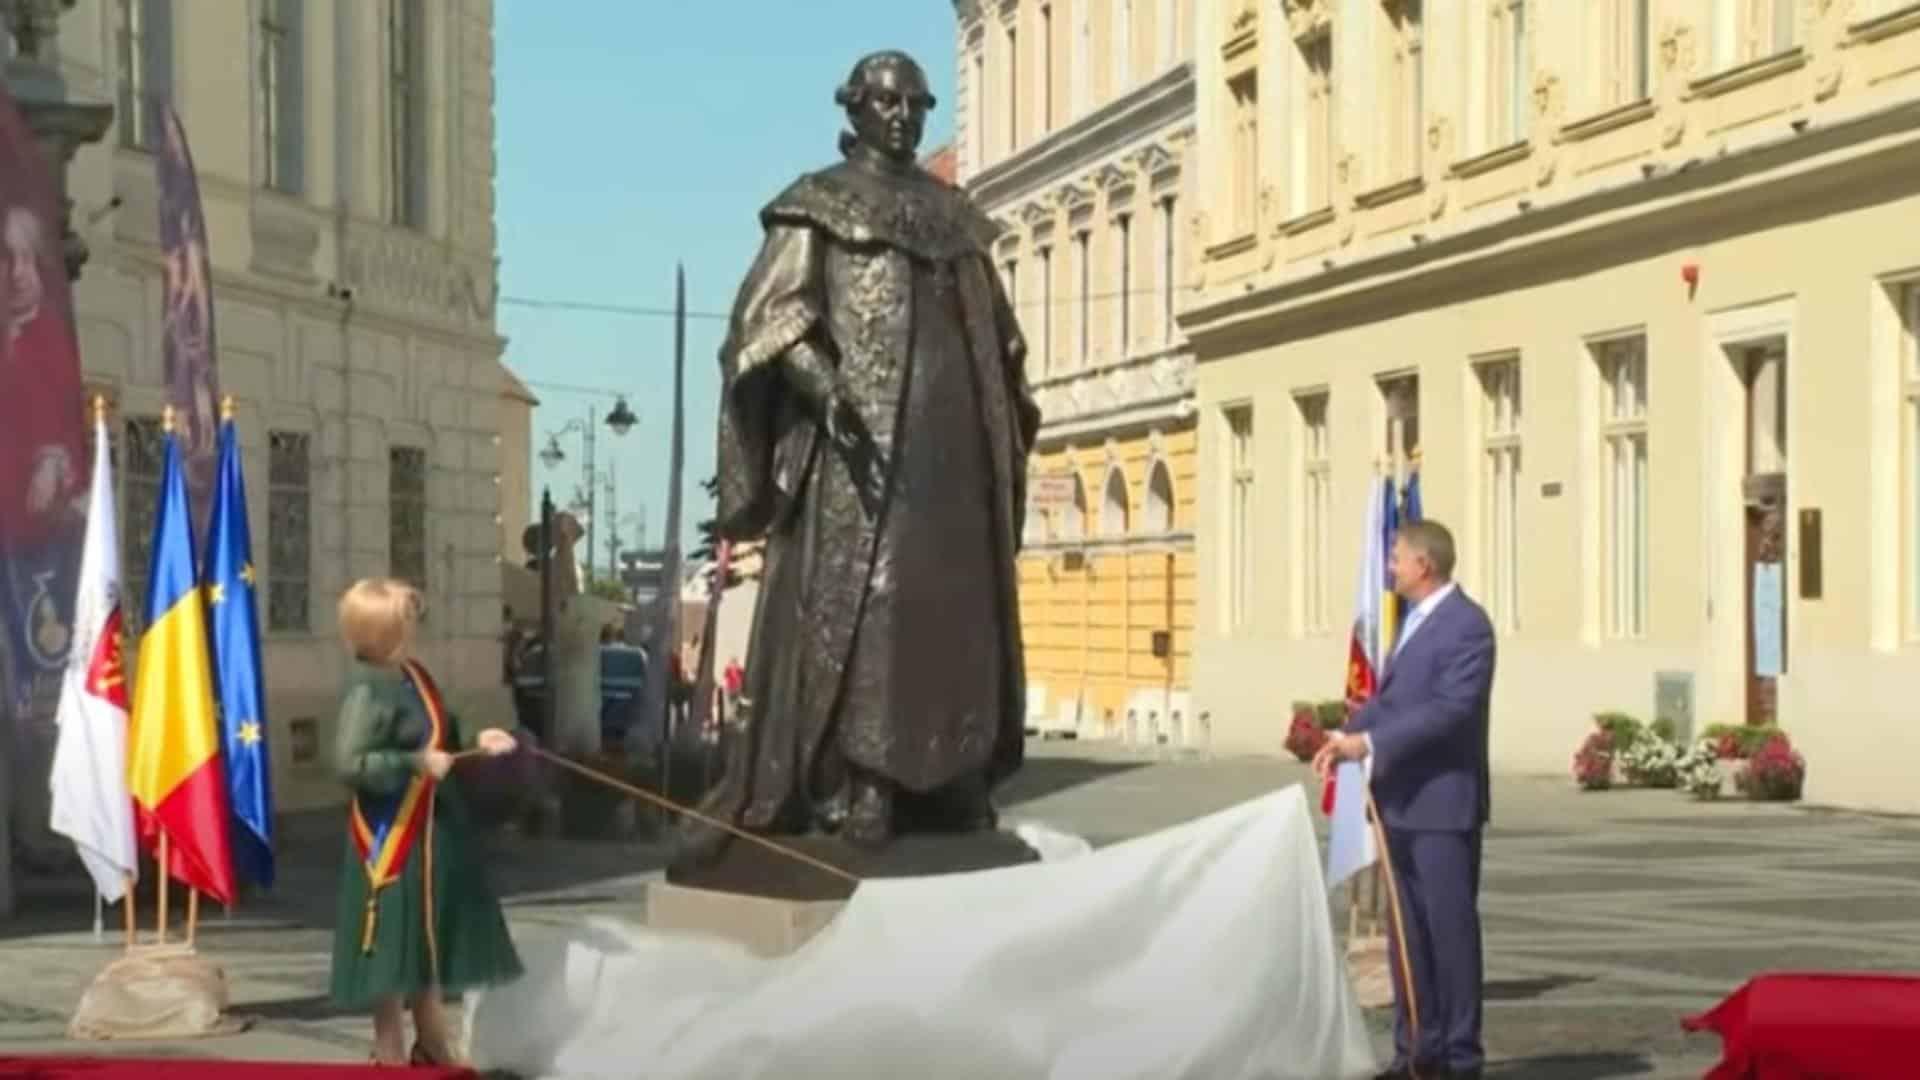 Președintele Iohannis se închină la statuia lui Bruckenthal, dar nu și la gorunul lui Iancu